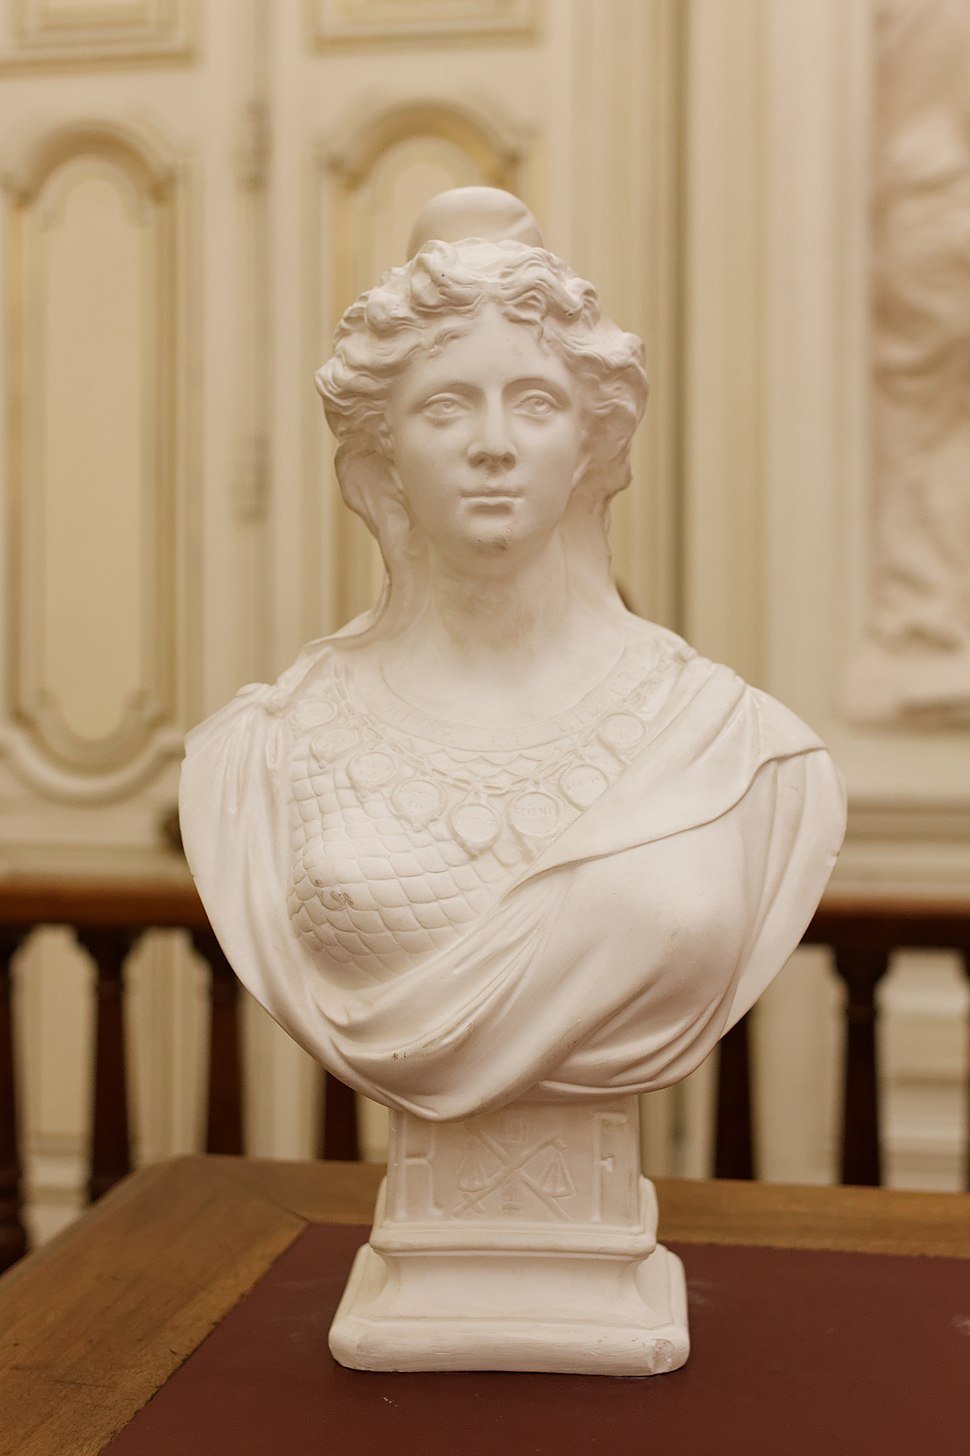 Paris, mairie du 10e arrdt, salle des mariages, Marianne 02